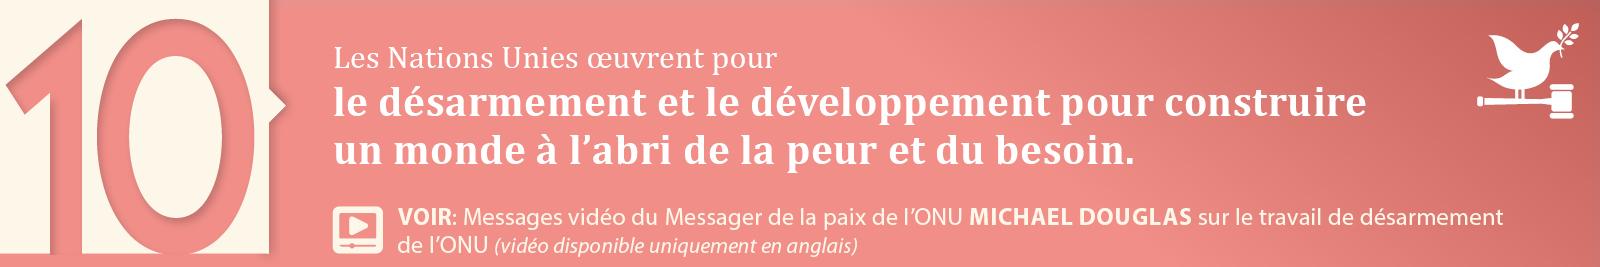 10. Le désarmement et le développement pour construire un monde à l'abri de la peur et du besoin.